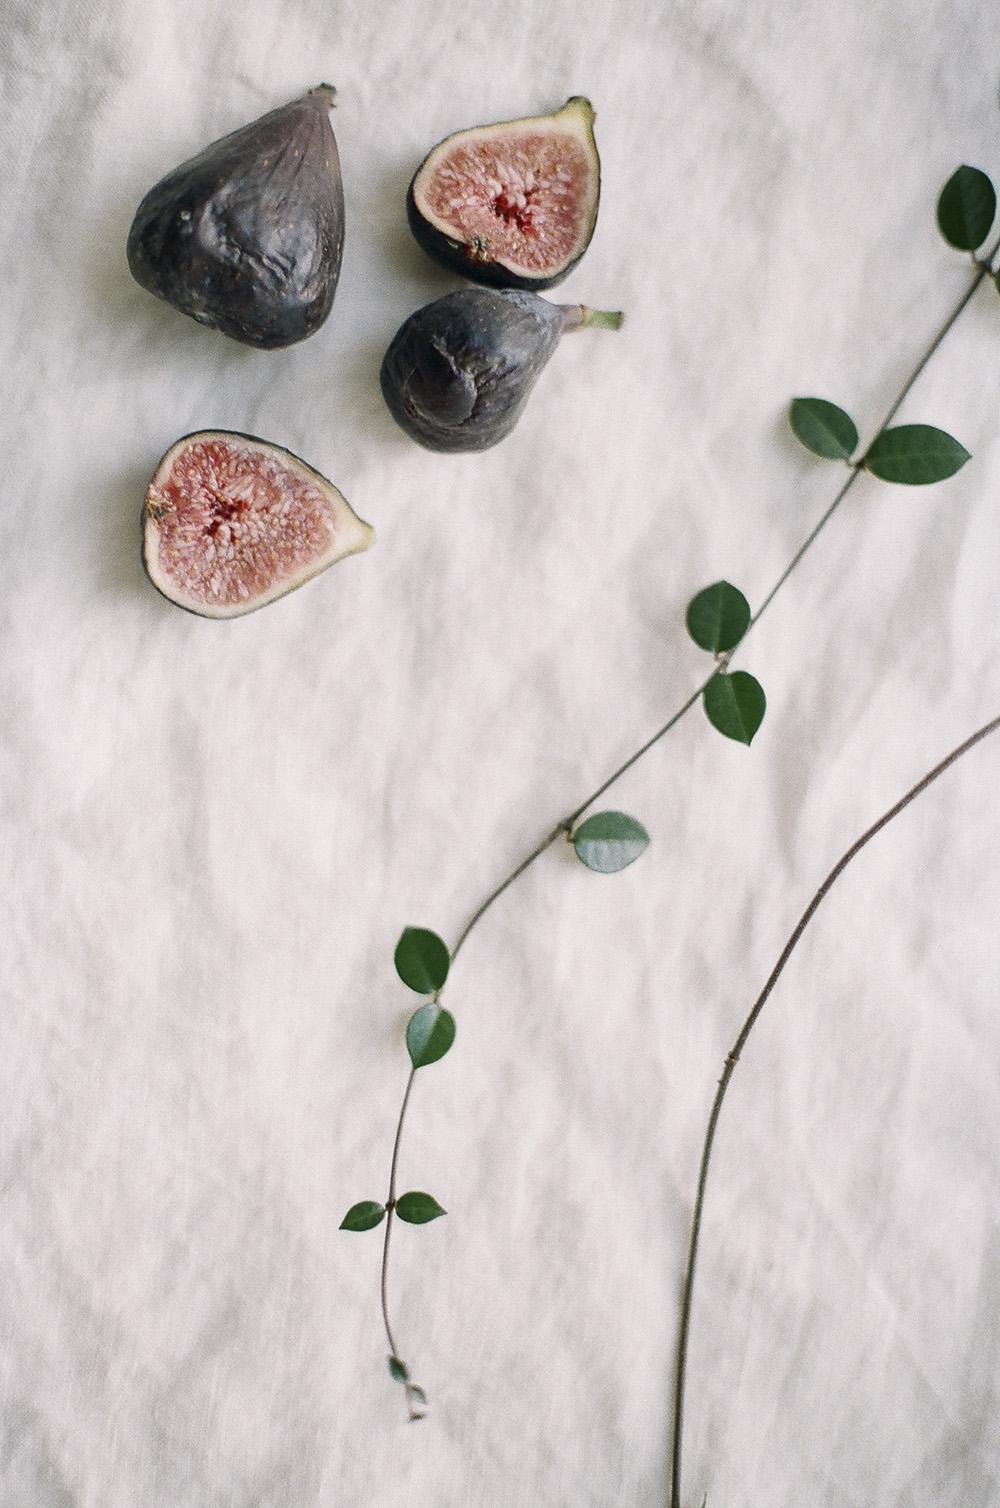 figs-19.jpg